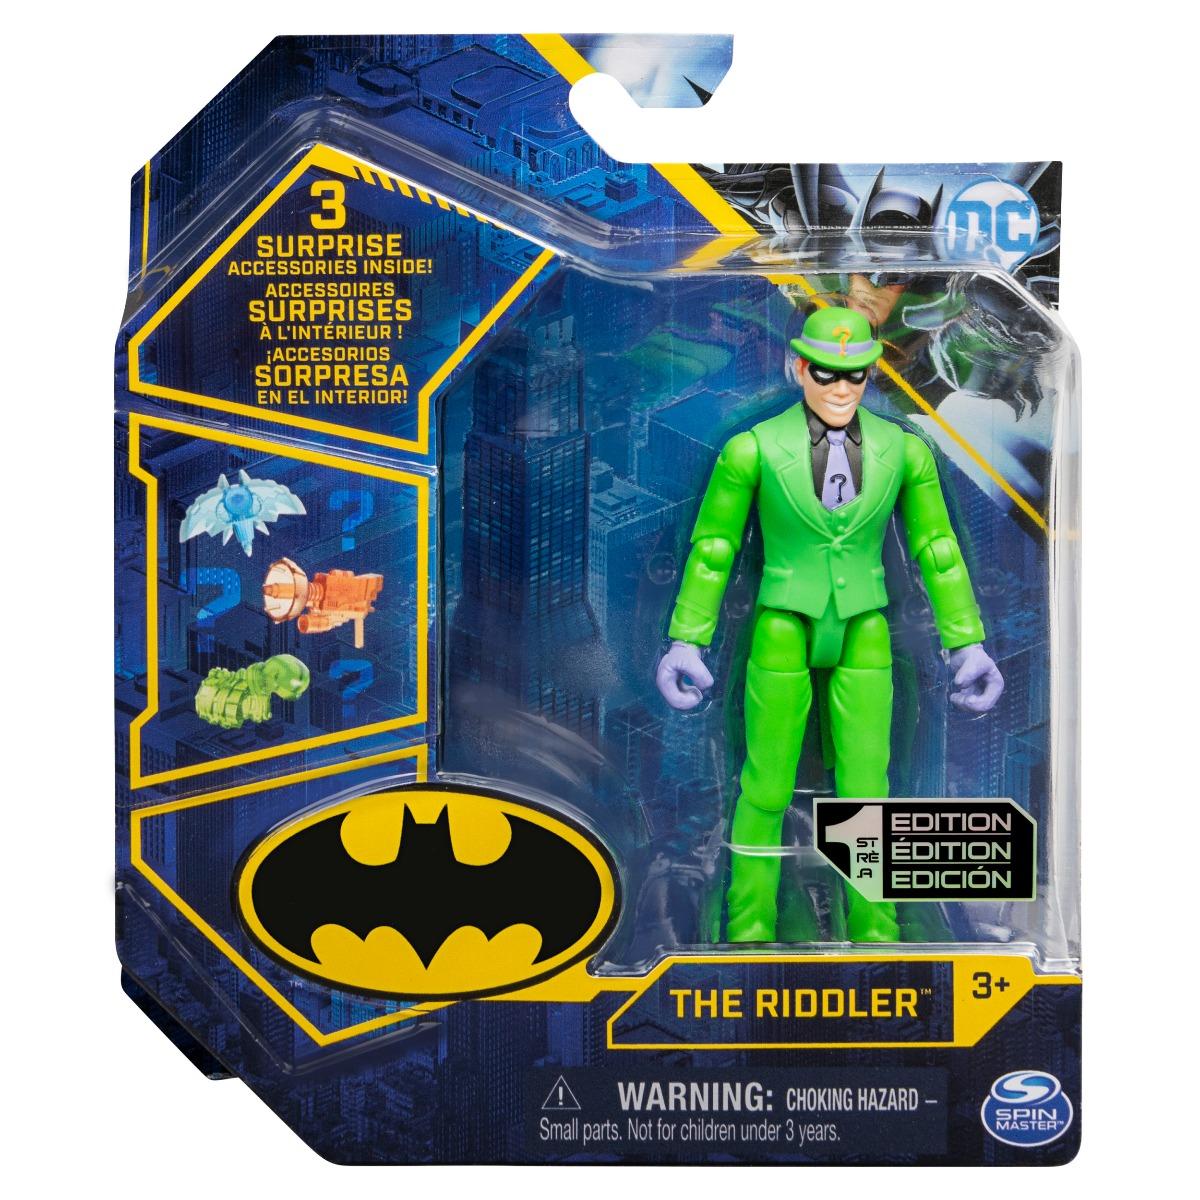 Set Figurina cu accesorii surpriza Batman, The Riddler, 20129812